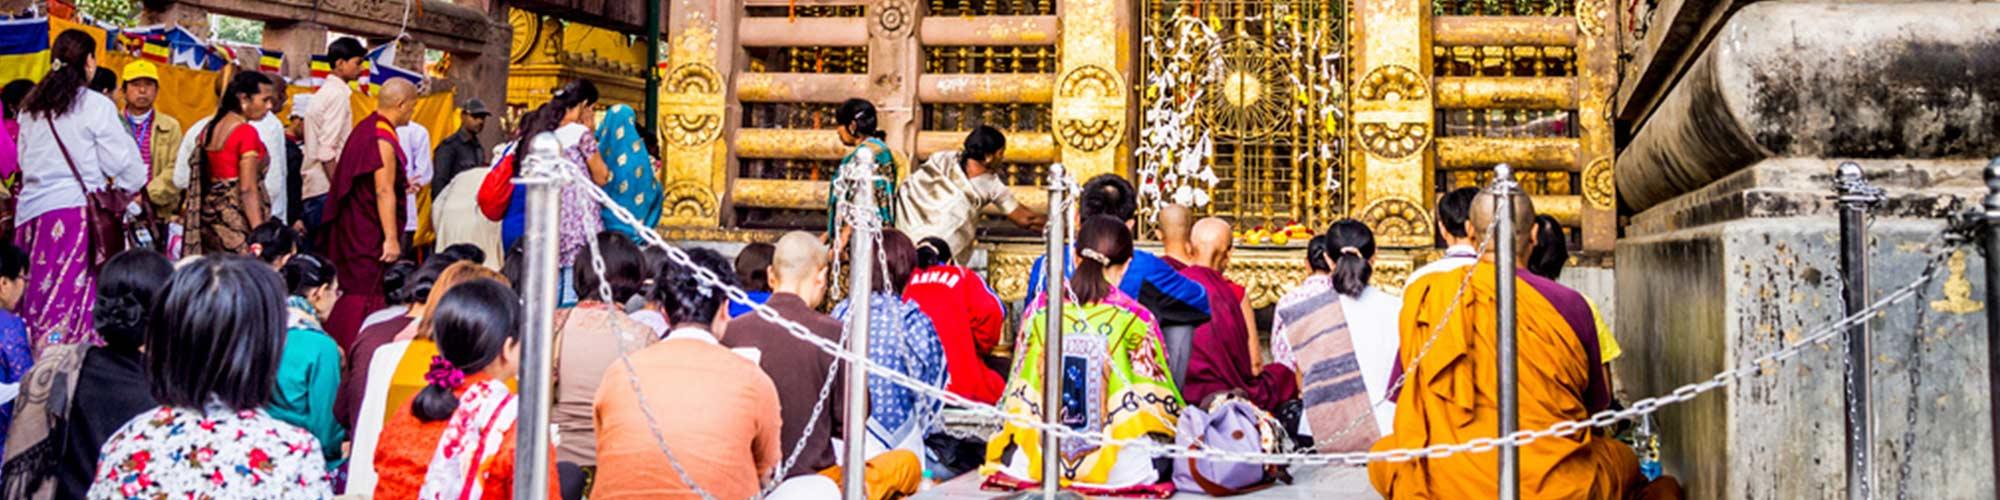 Siguiendo los pasos de Buddha  - EL PAIS Viajes